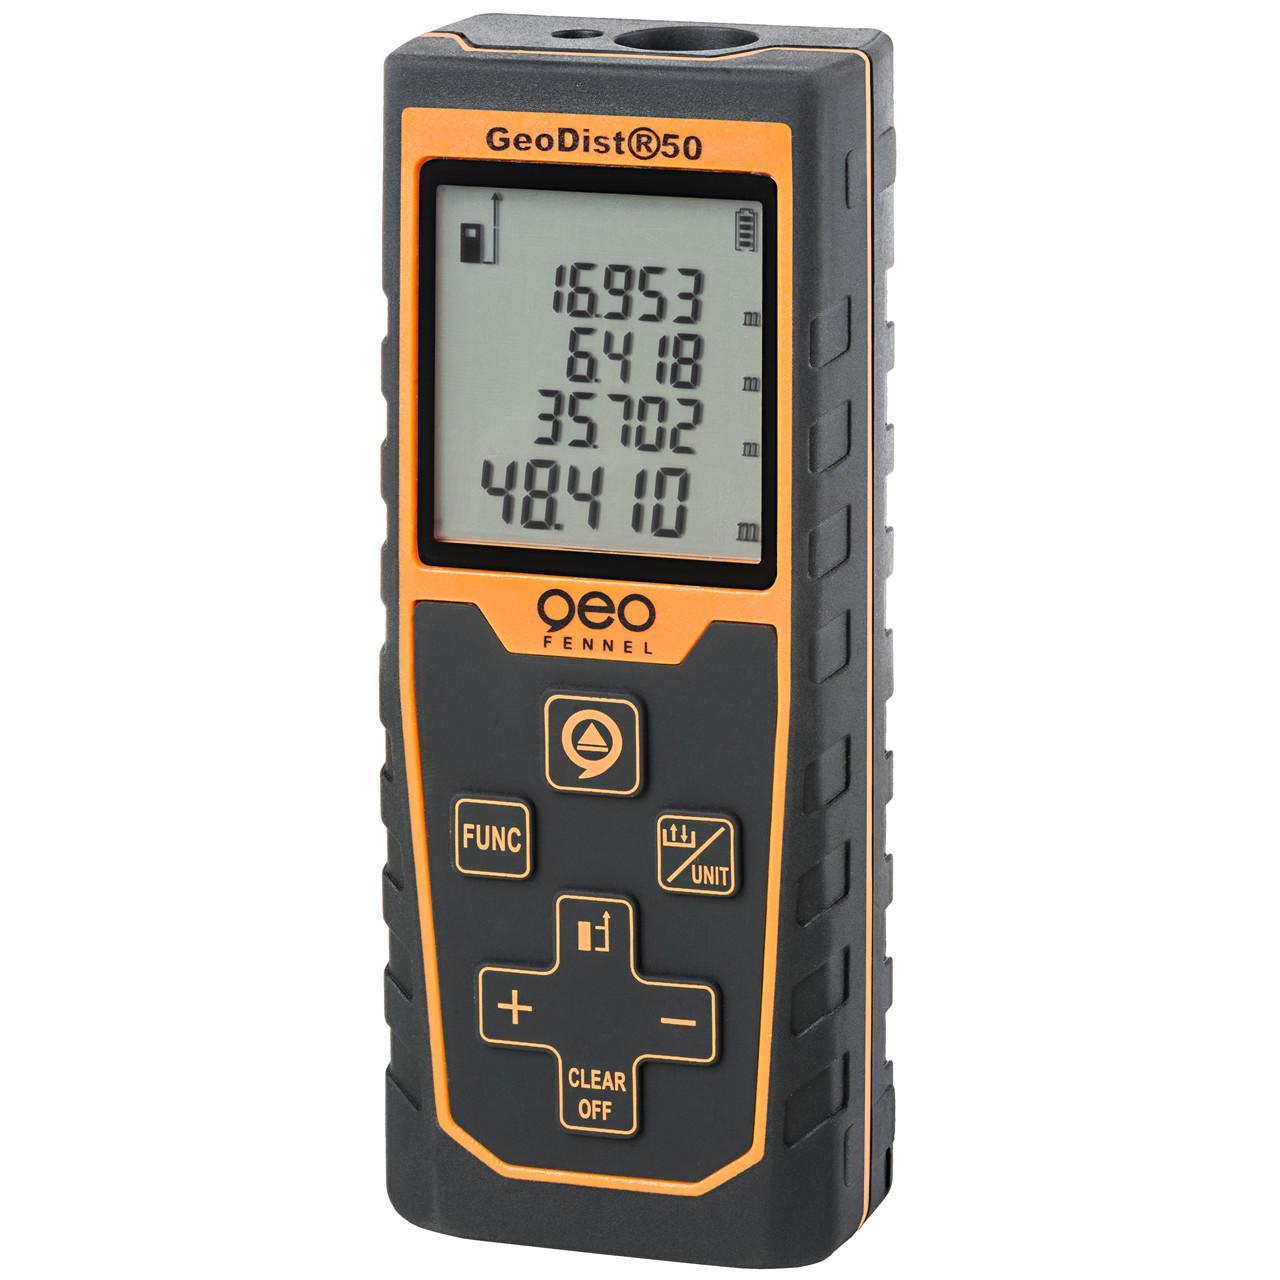 geoFENNEL Afstandsmåler GeoDist 50 - Værktøj -> Laser og måleinstrumenter -> Opmåling -> Afstandsmåler|Værktøj -> Laser og måleinstrumenter -> Opmåling|Værktøj -> Laser og måleinstrumenter|Mærker -> geo-FENNEL -> geo-FENNEL Måleinstrumenter|Mærker -> geo-FENNEL|Mær